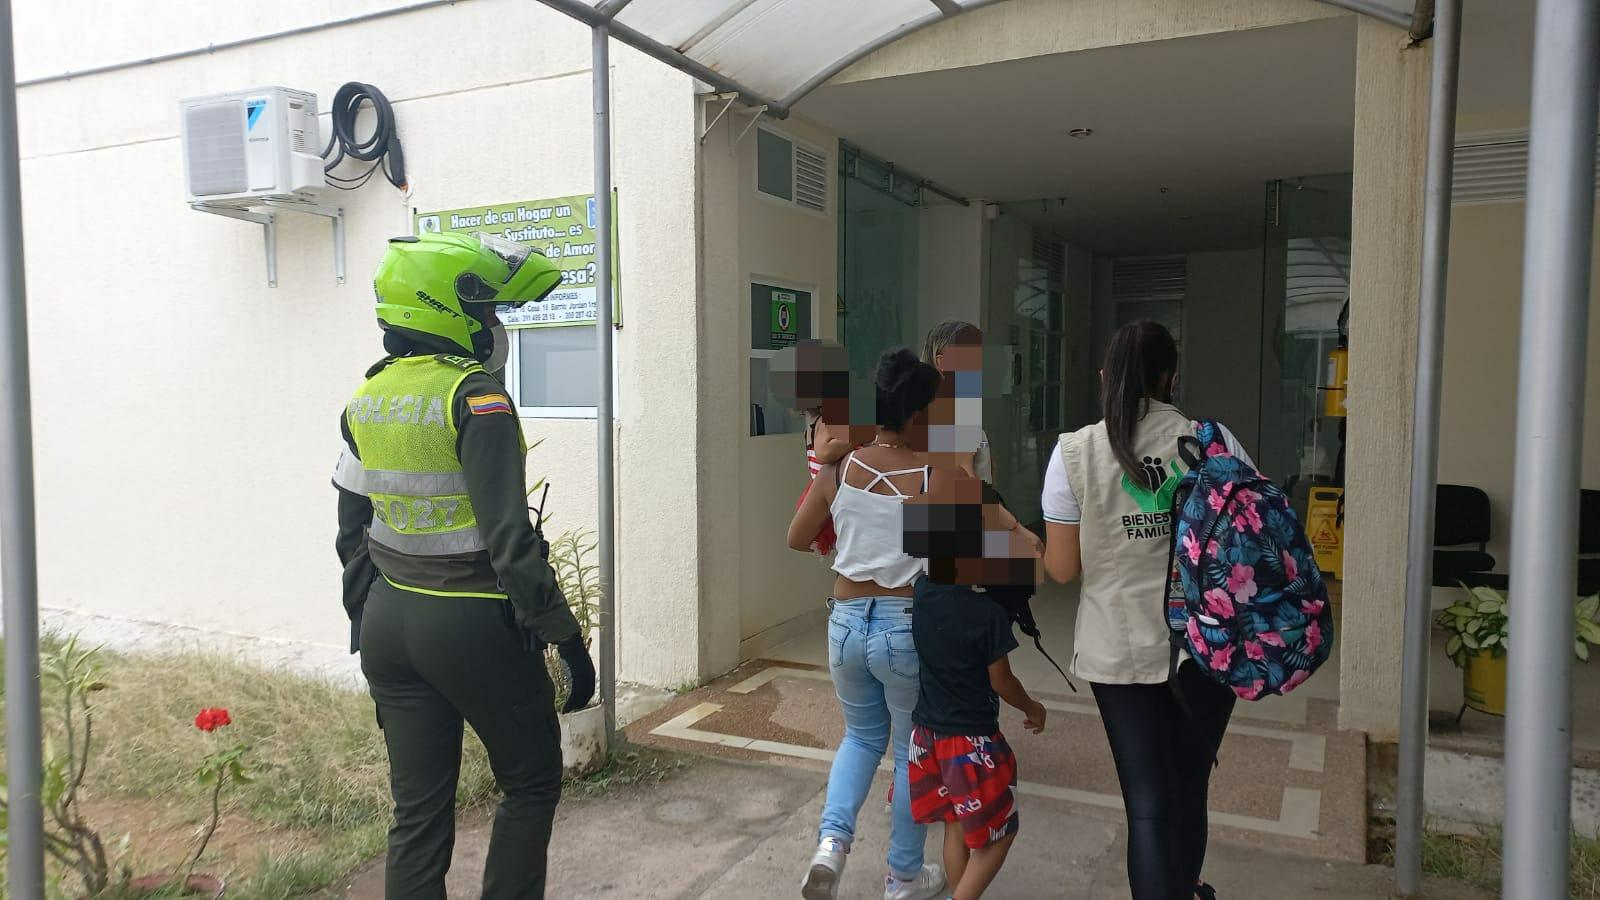 Más de 10 menores fueron sorprendidos ejerciendo el trabajo infantil y mendicidad 4